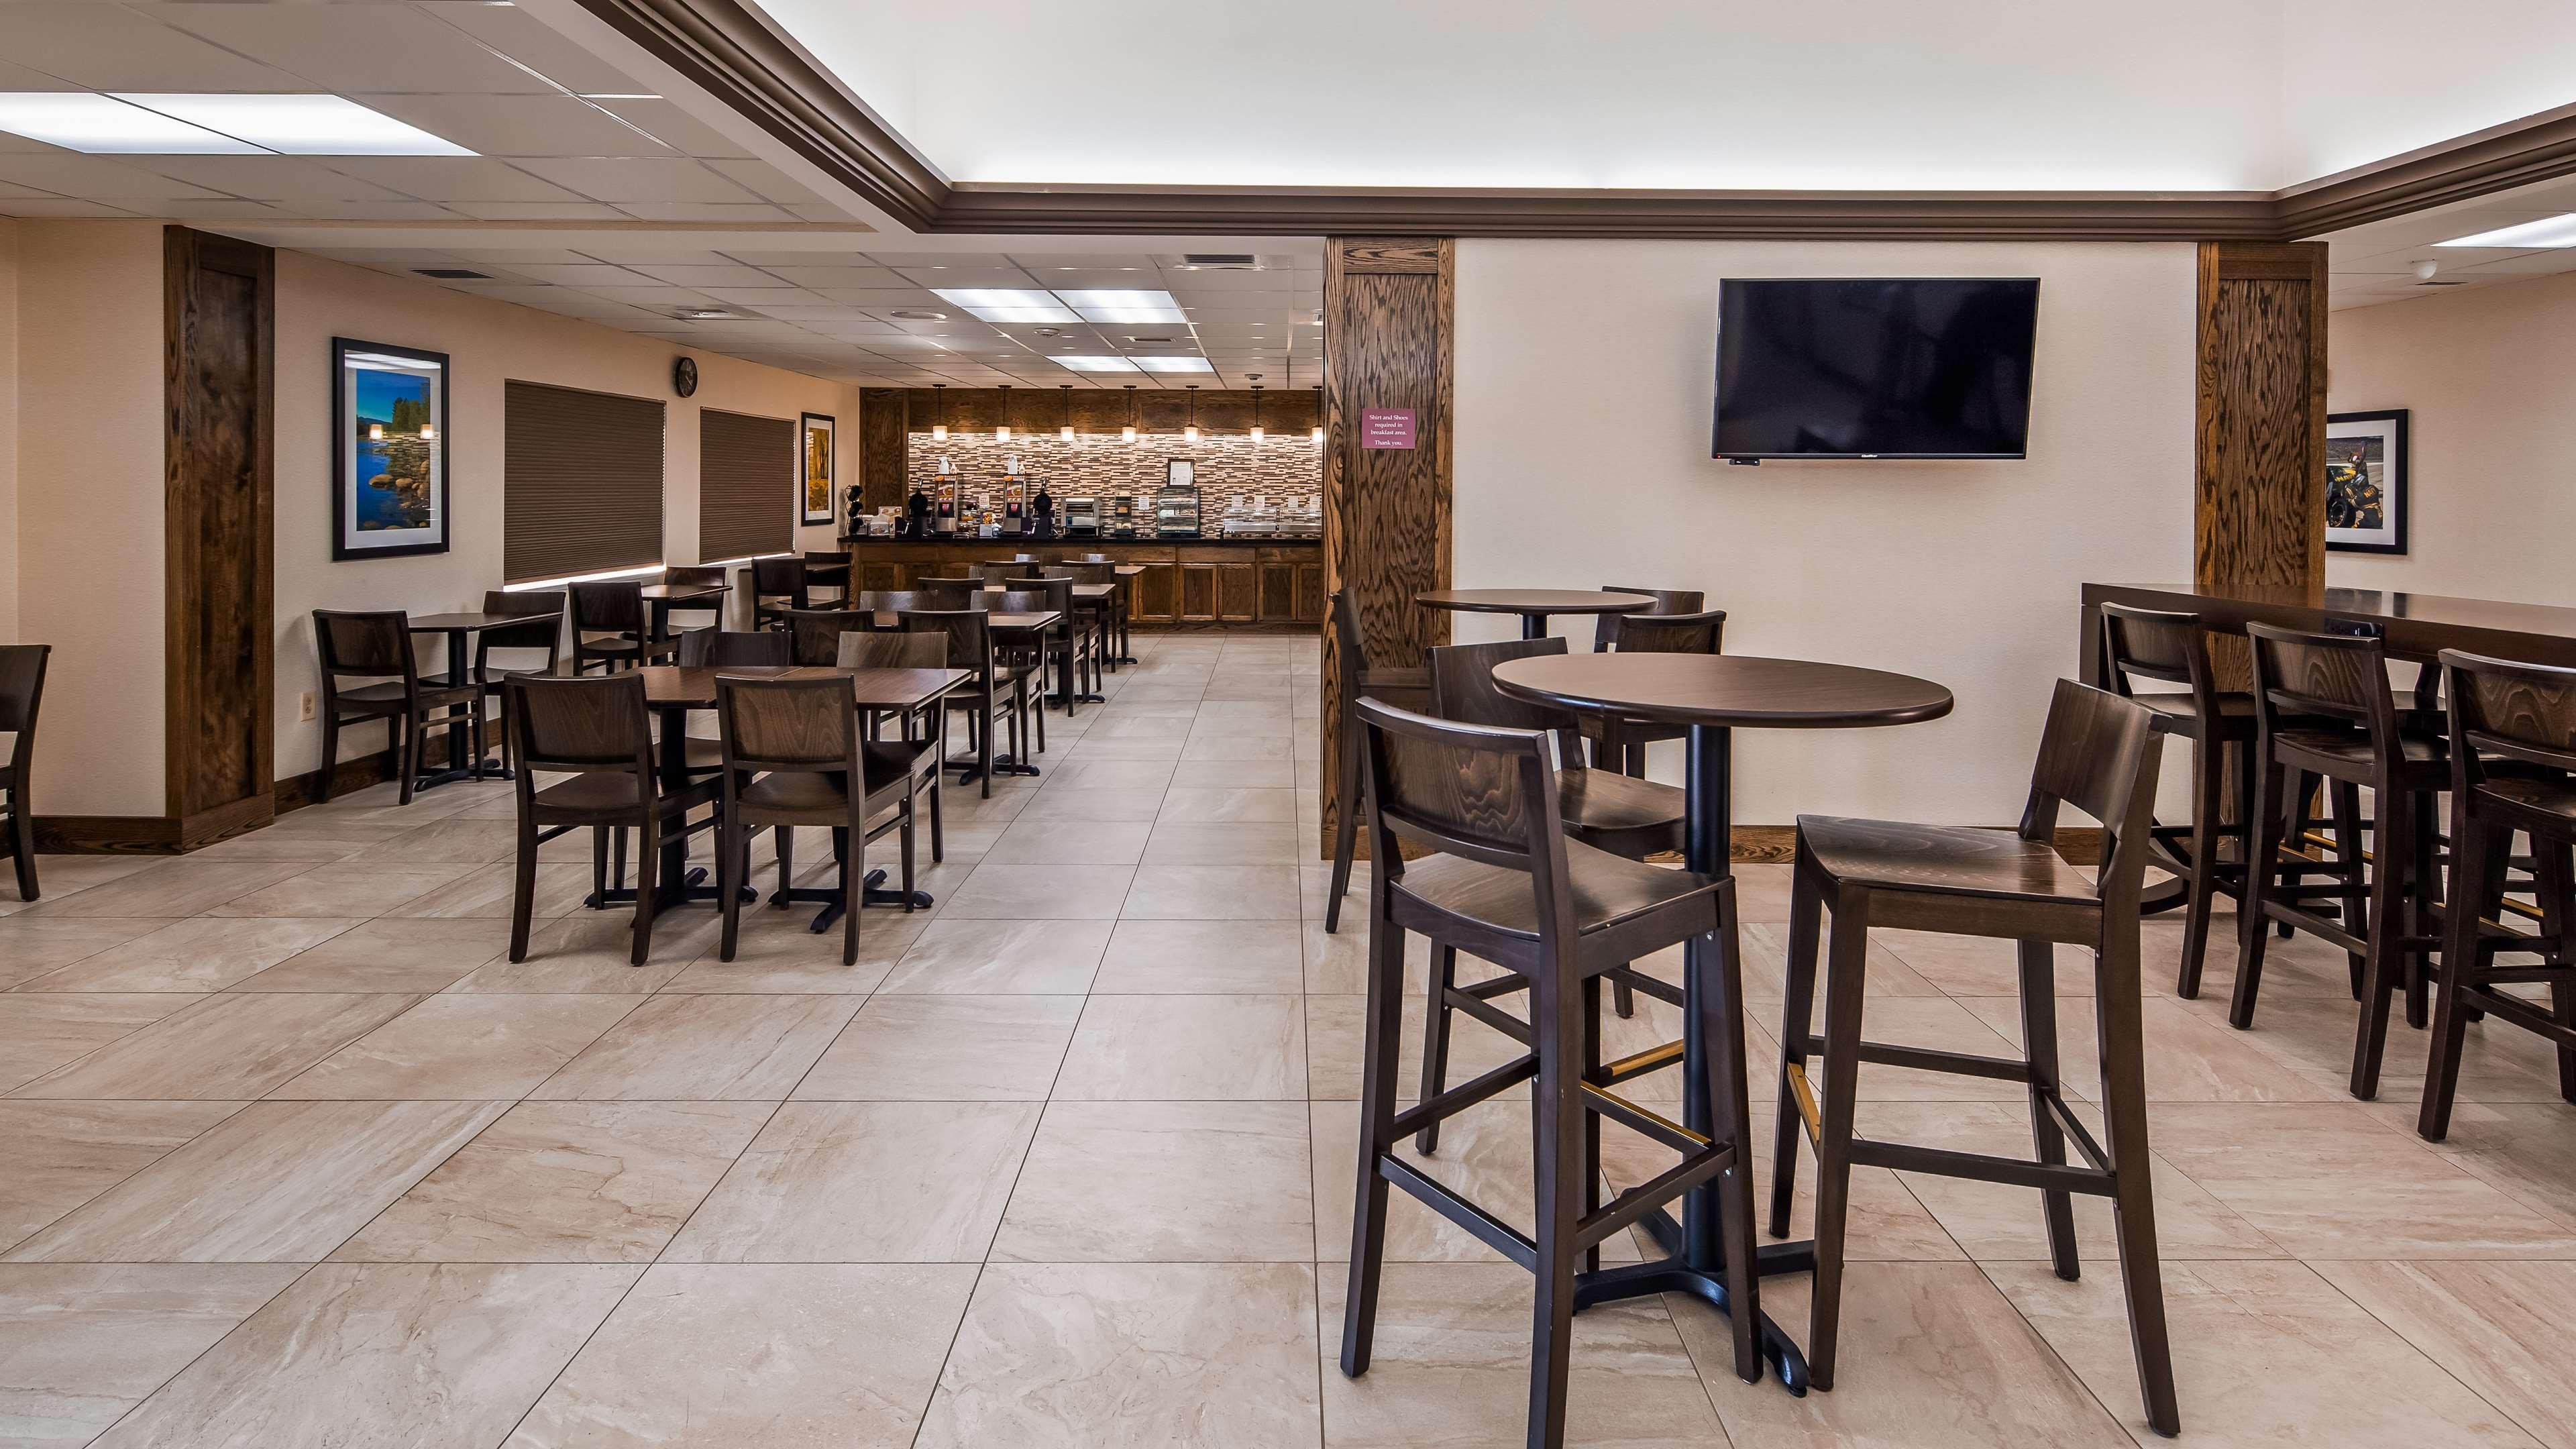 Best Western Inn at Blakeslee-Pocono image 4